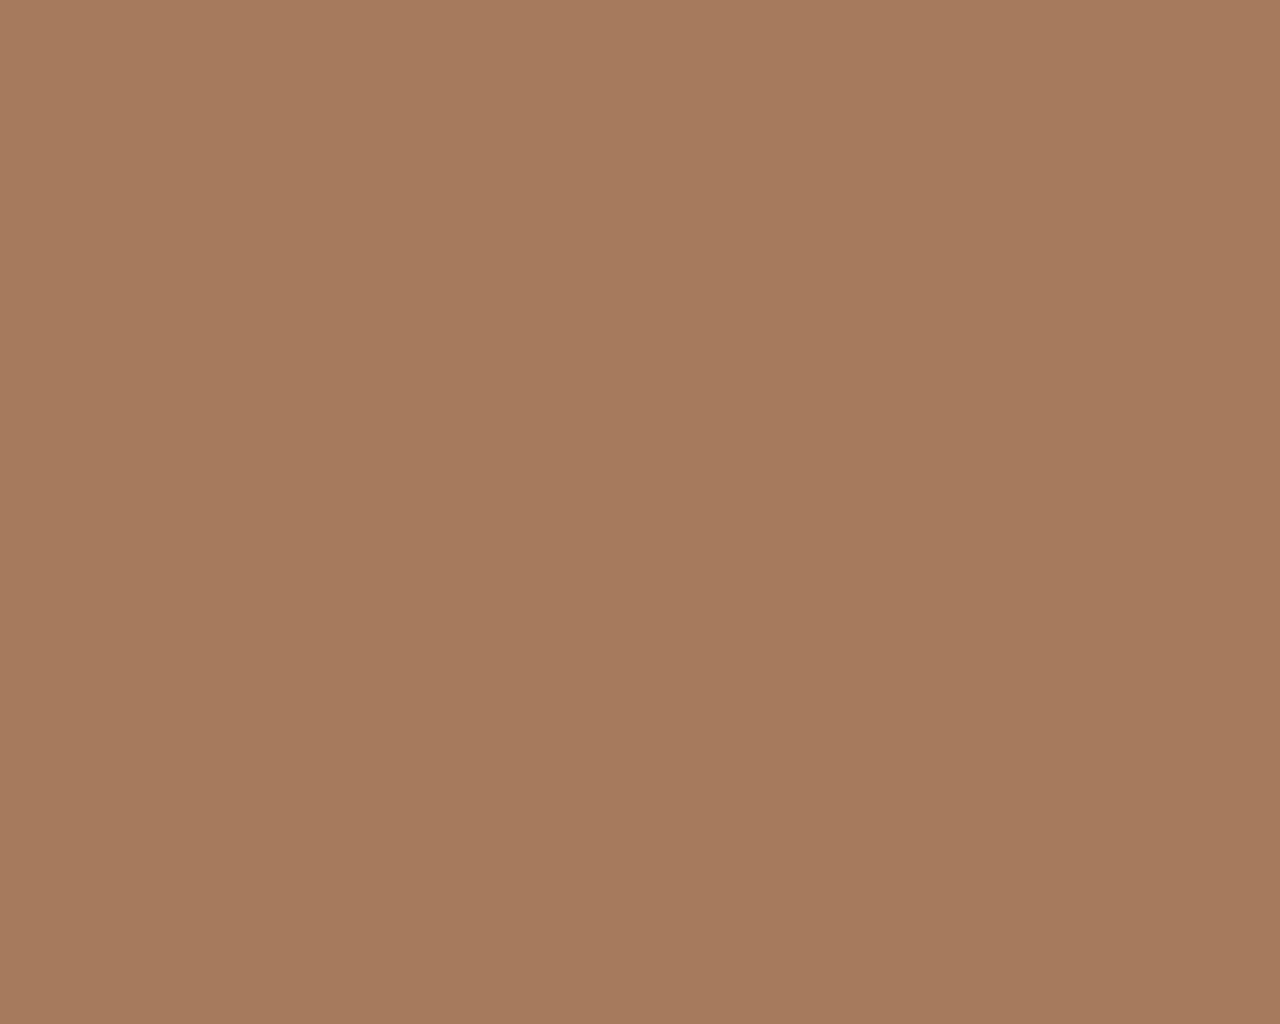 1280x1024 Cafe Au Lait Solid Color Background